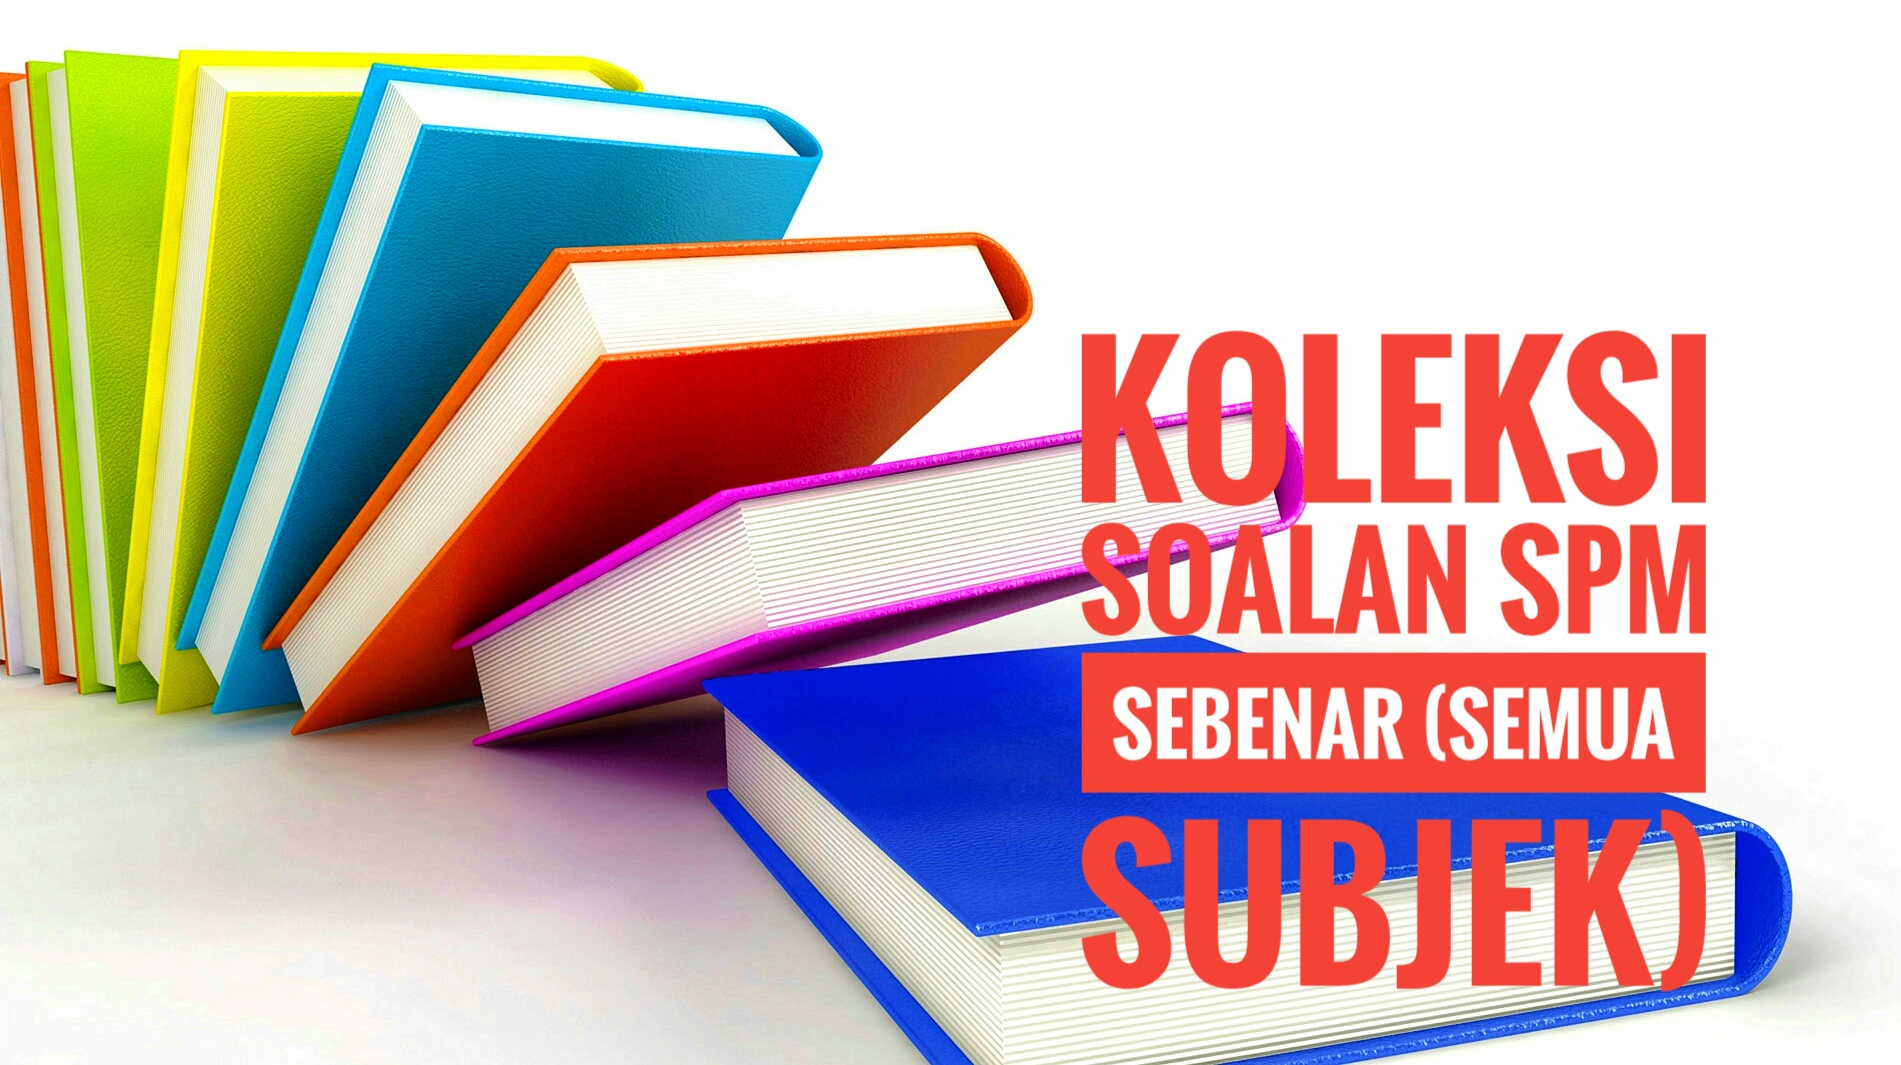 Koleksi Soalan SPM Sebenar (Semua Subjek)